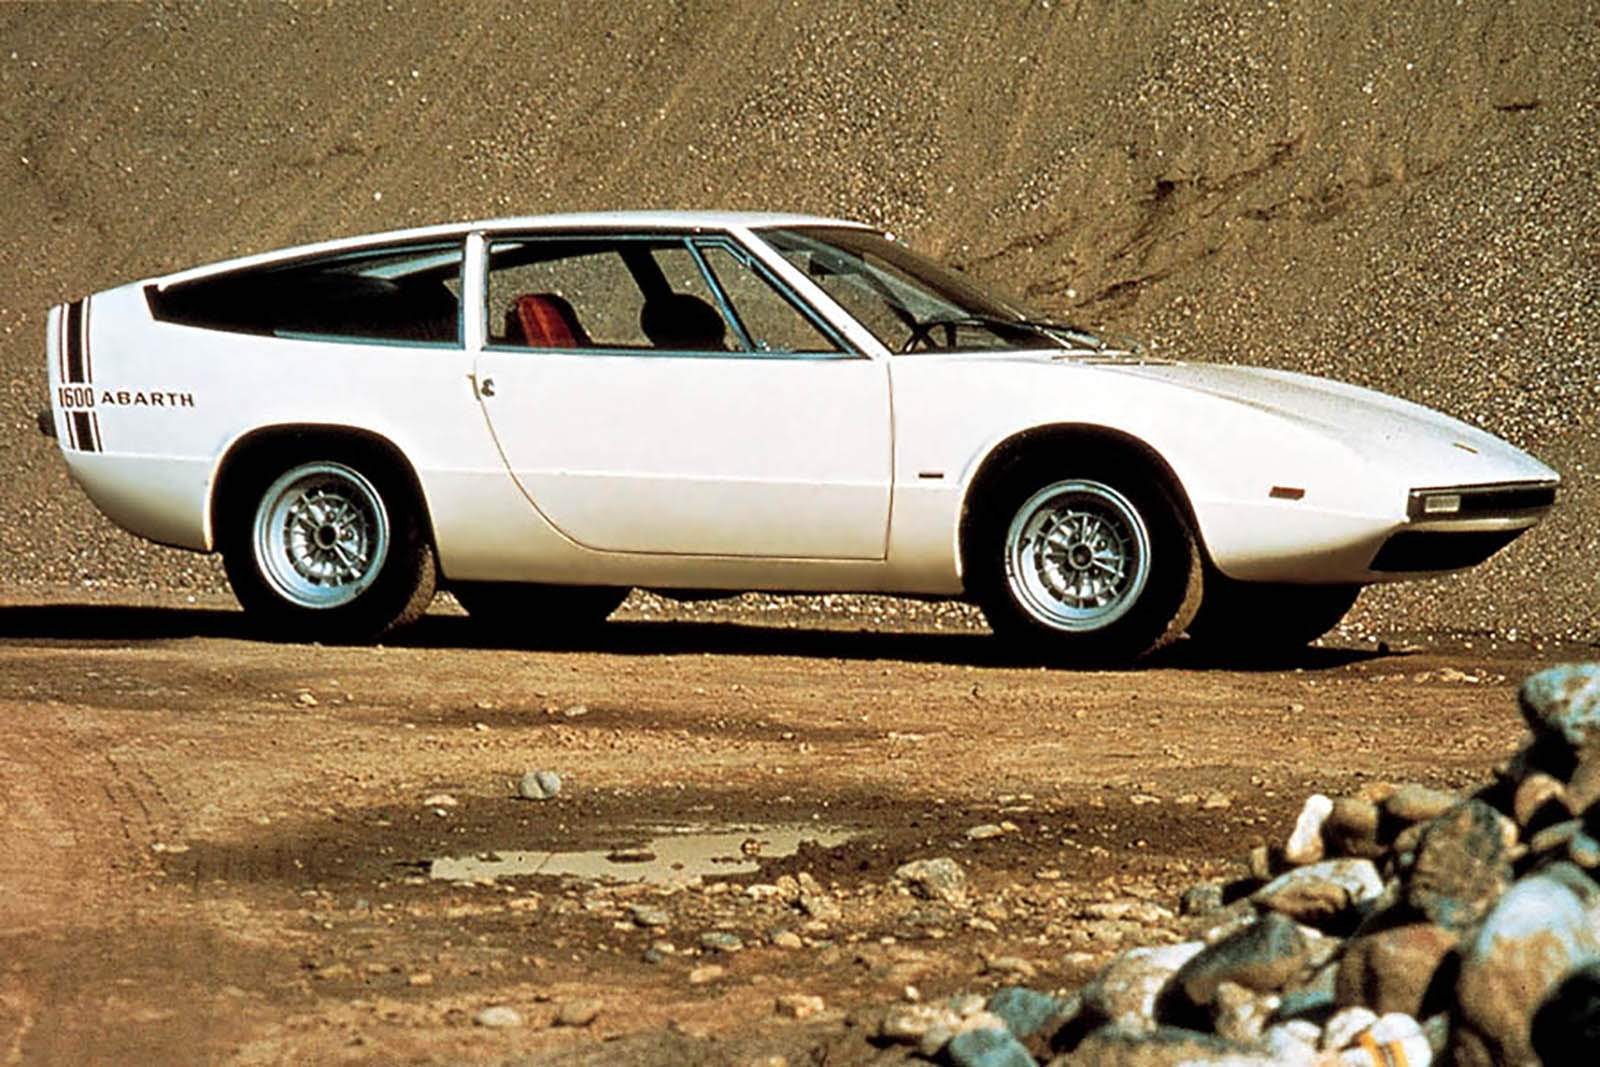 1969 FIAT ABARTH 1600GT ITALDESIGN|アバルトの歴史を刻んだモデル No.046